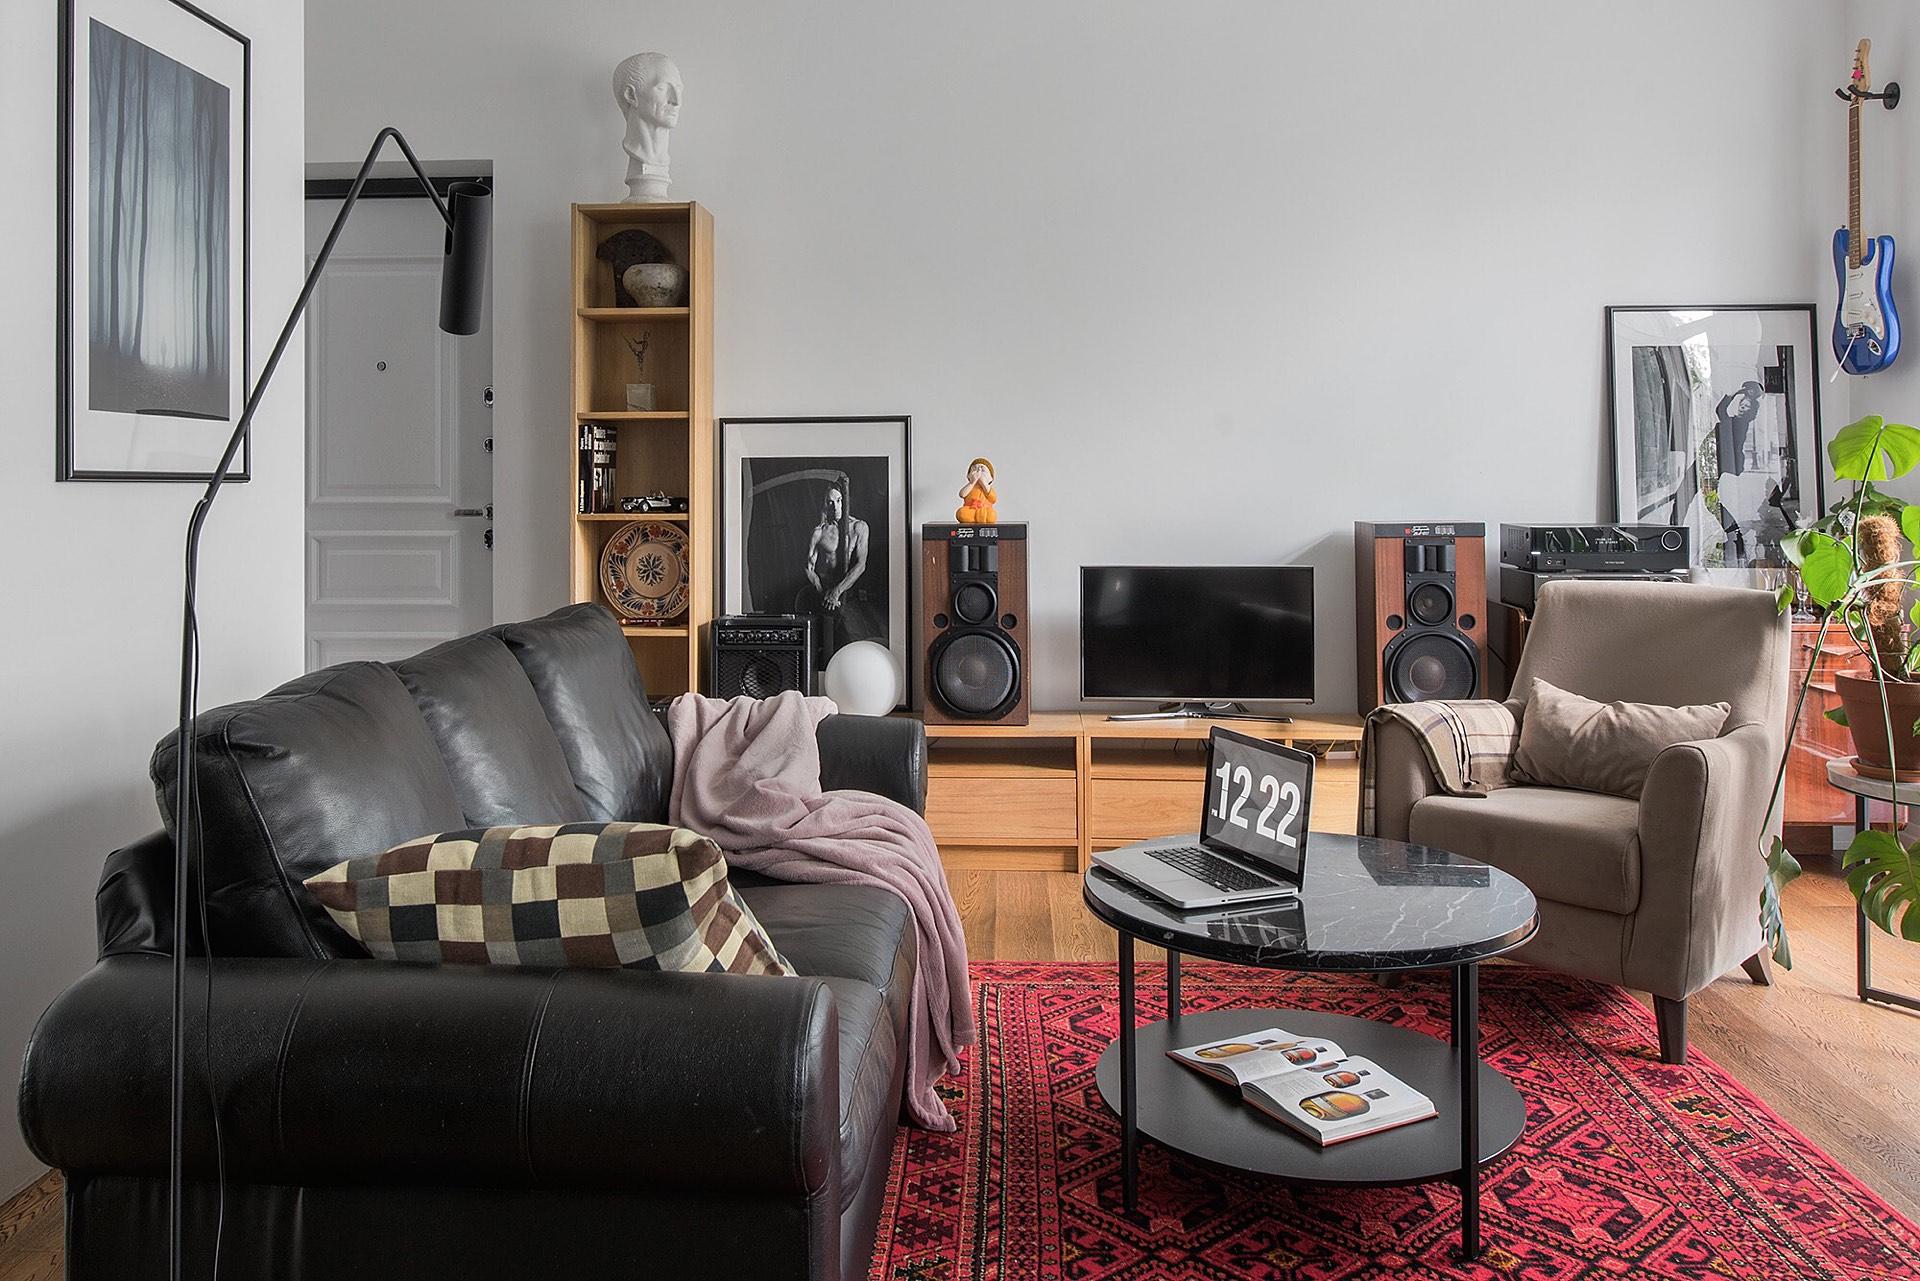 гостиная кожаный диван журнальный столик телевизор